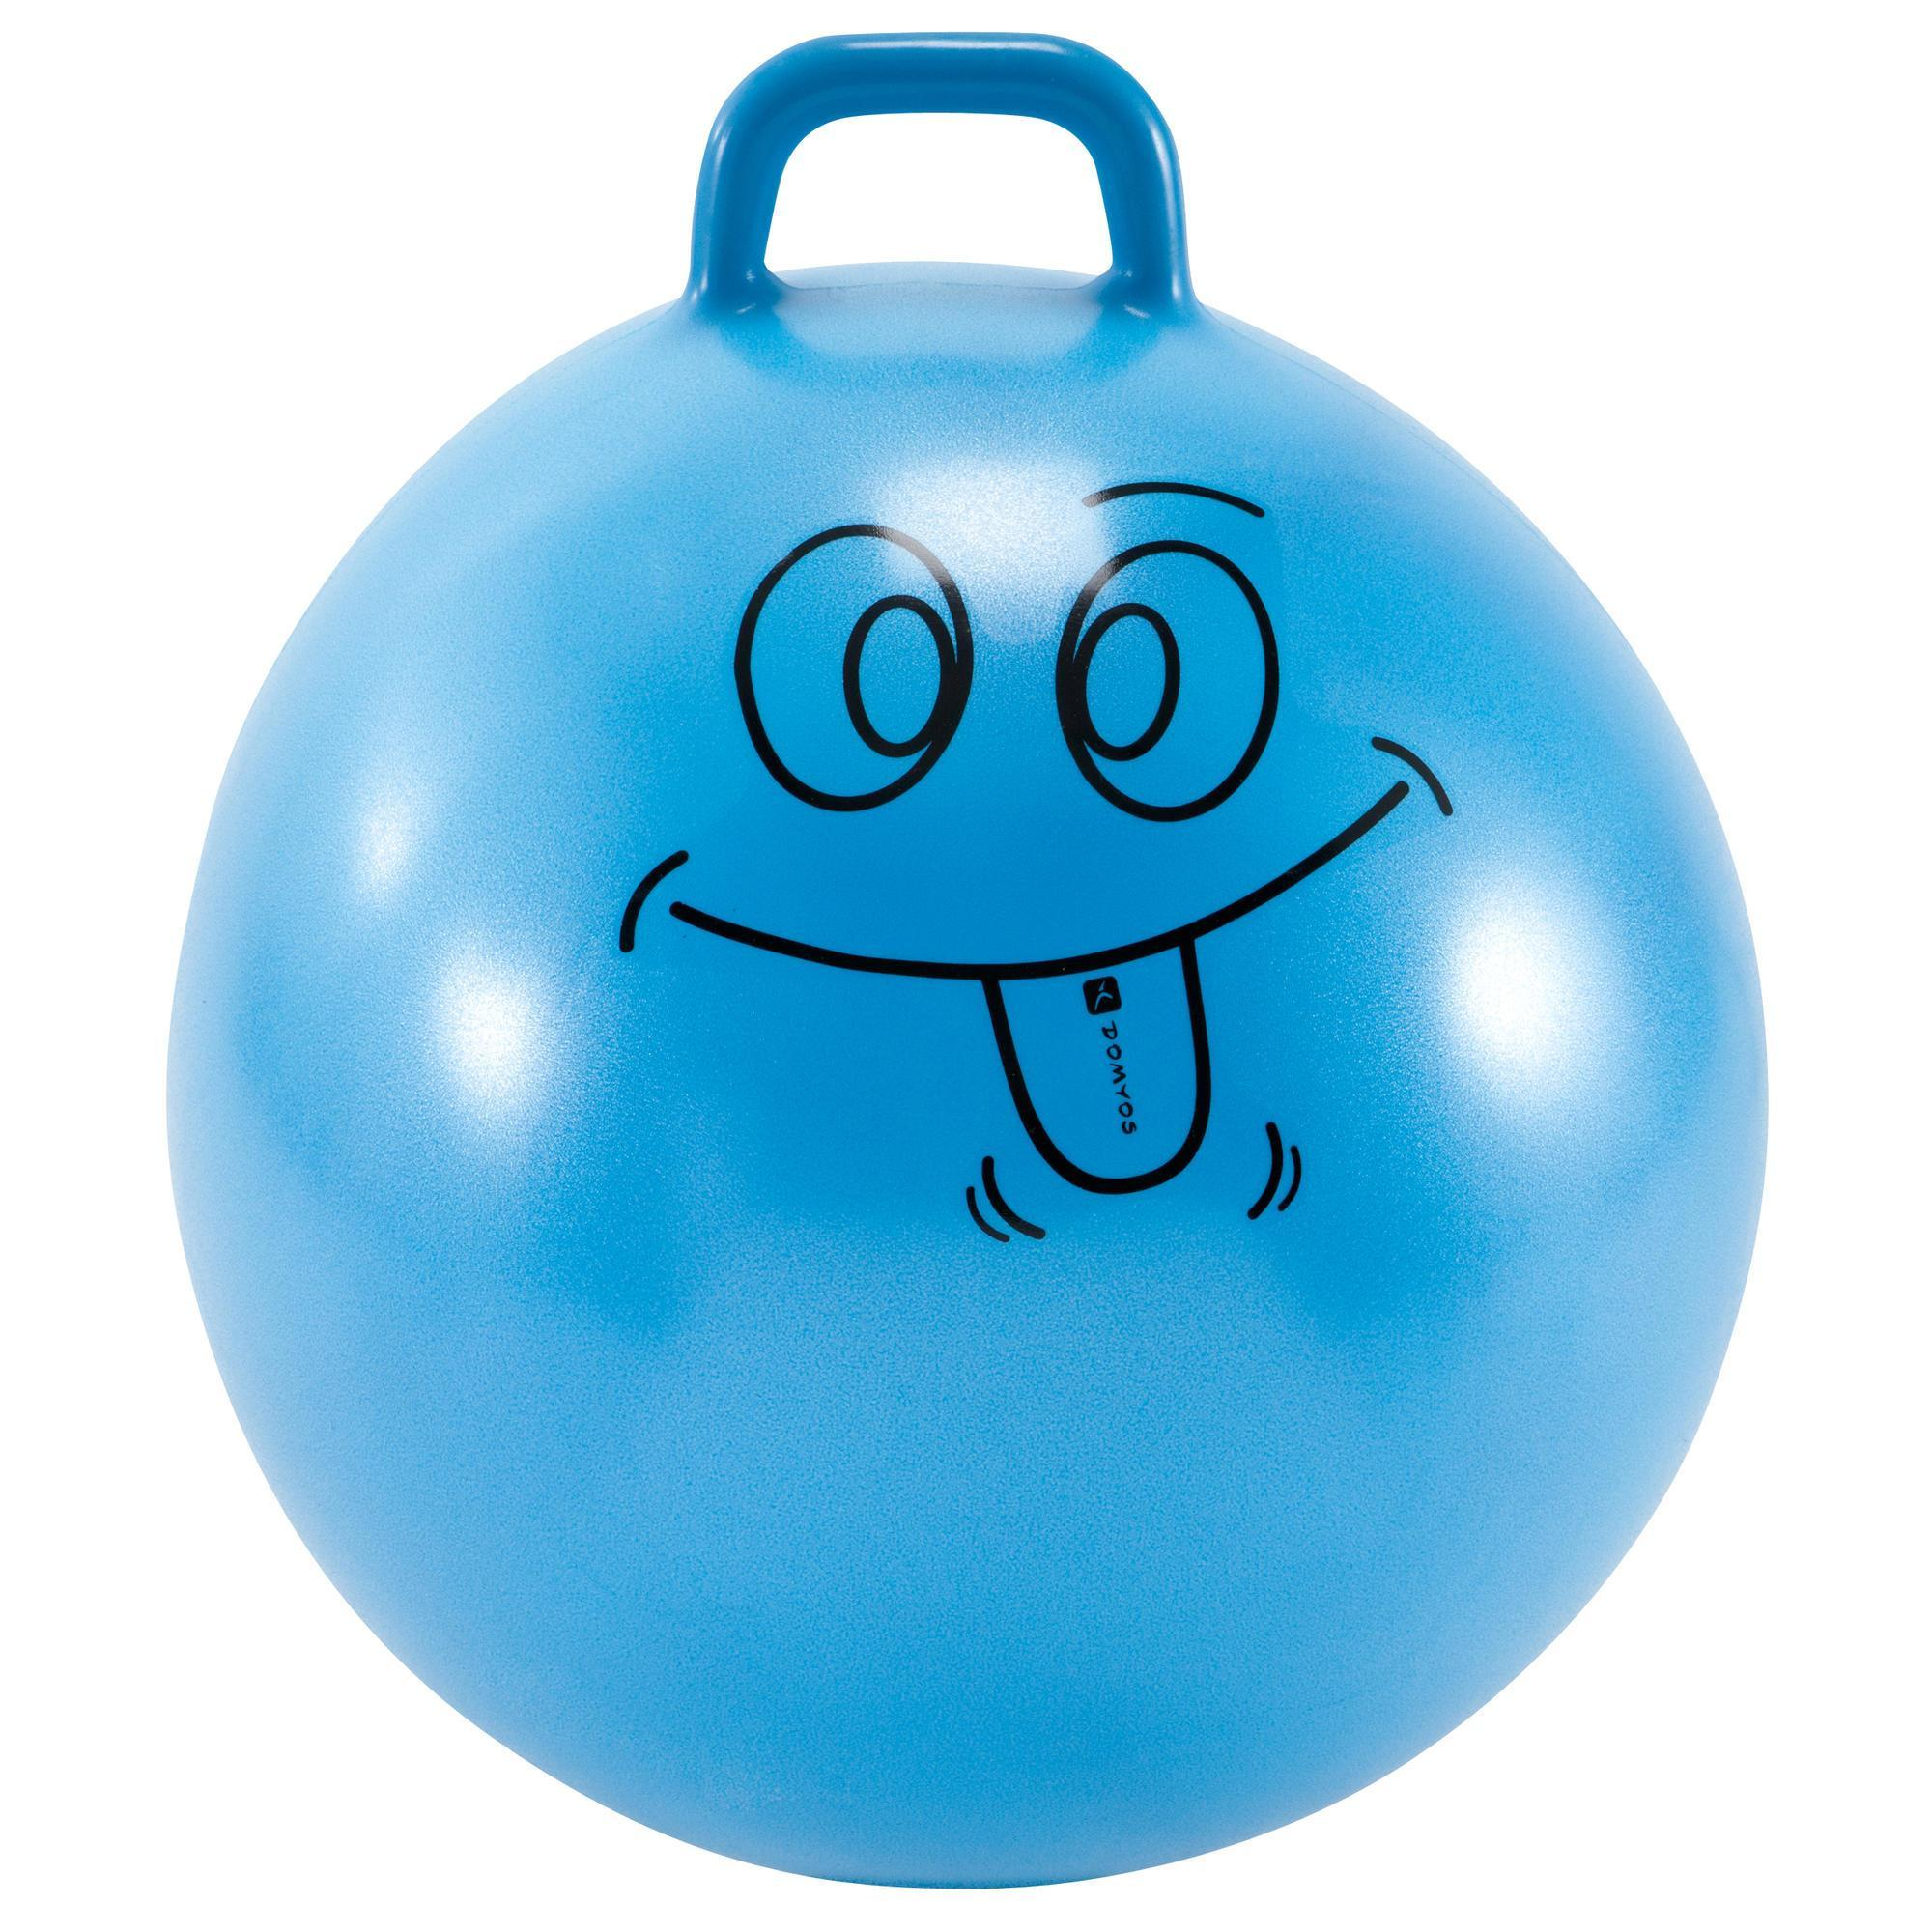 Baln Saltador Resist 60 Cm Gimnasia Nios Azul Domyos By Decathlon Balon